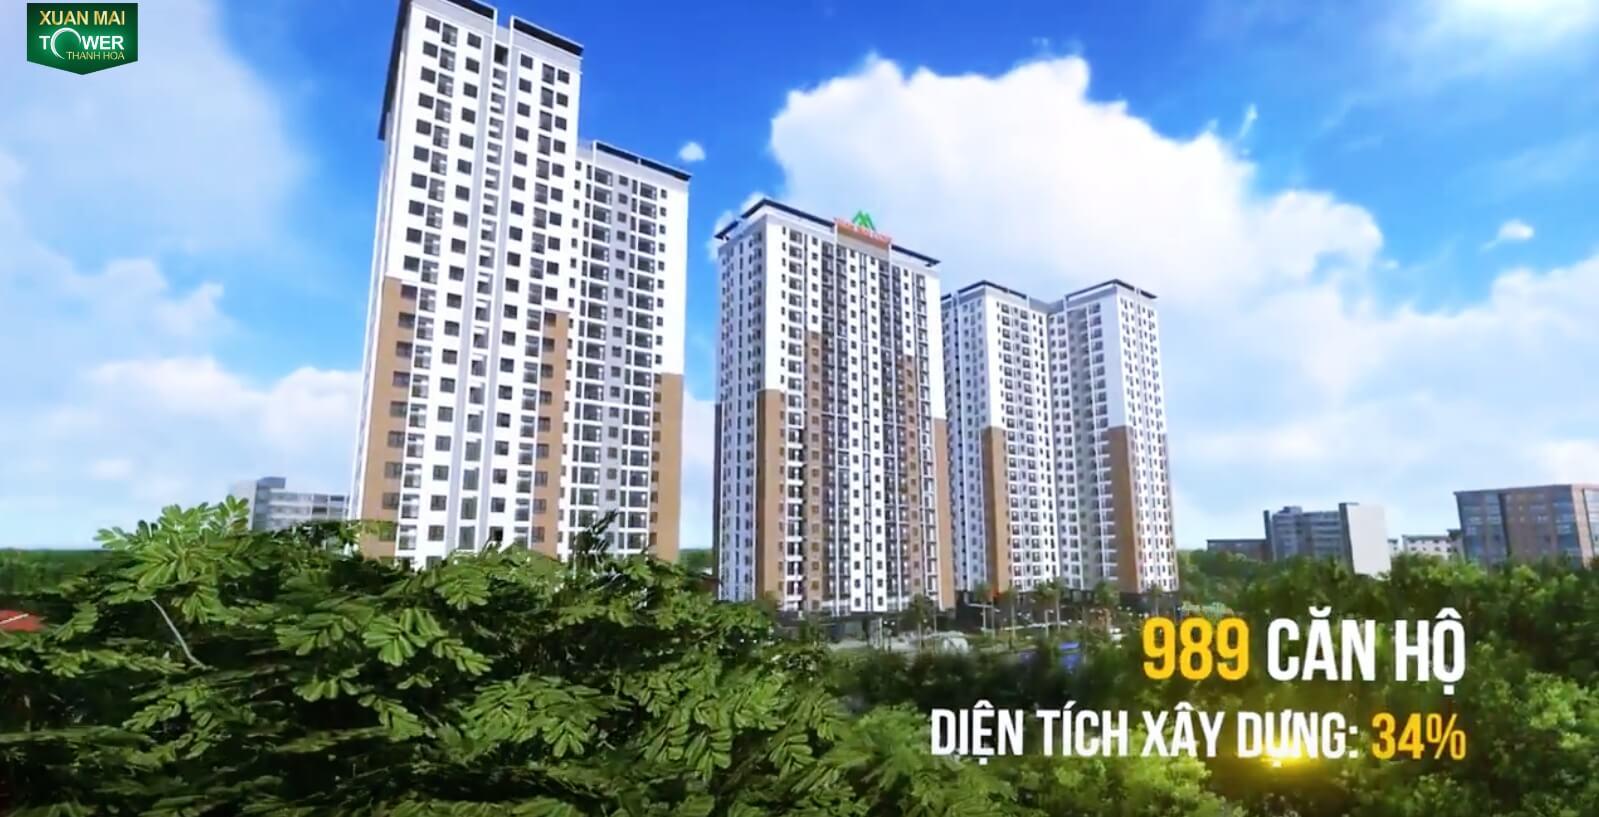 Dự án Xuân Mai Tower Thanh Hóa 989 căn hộ